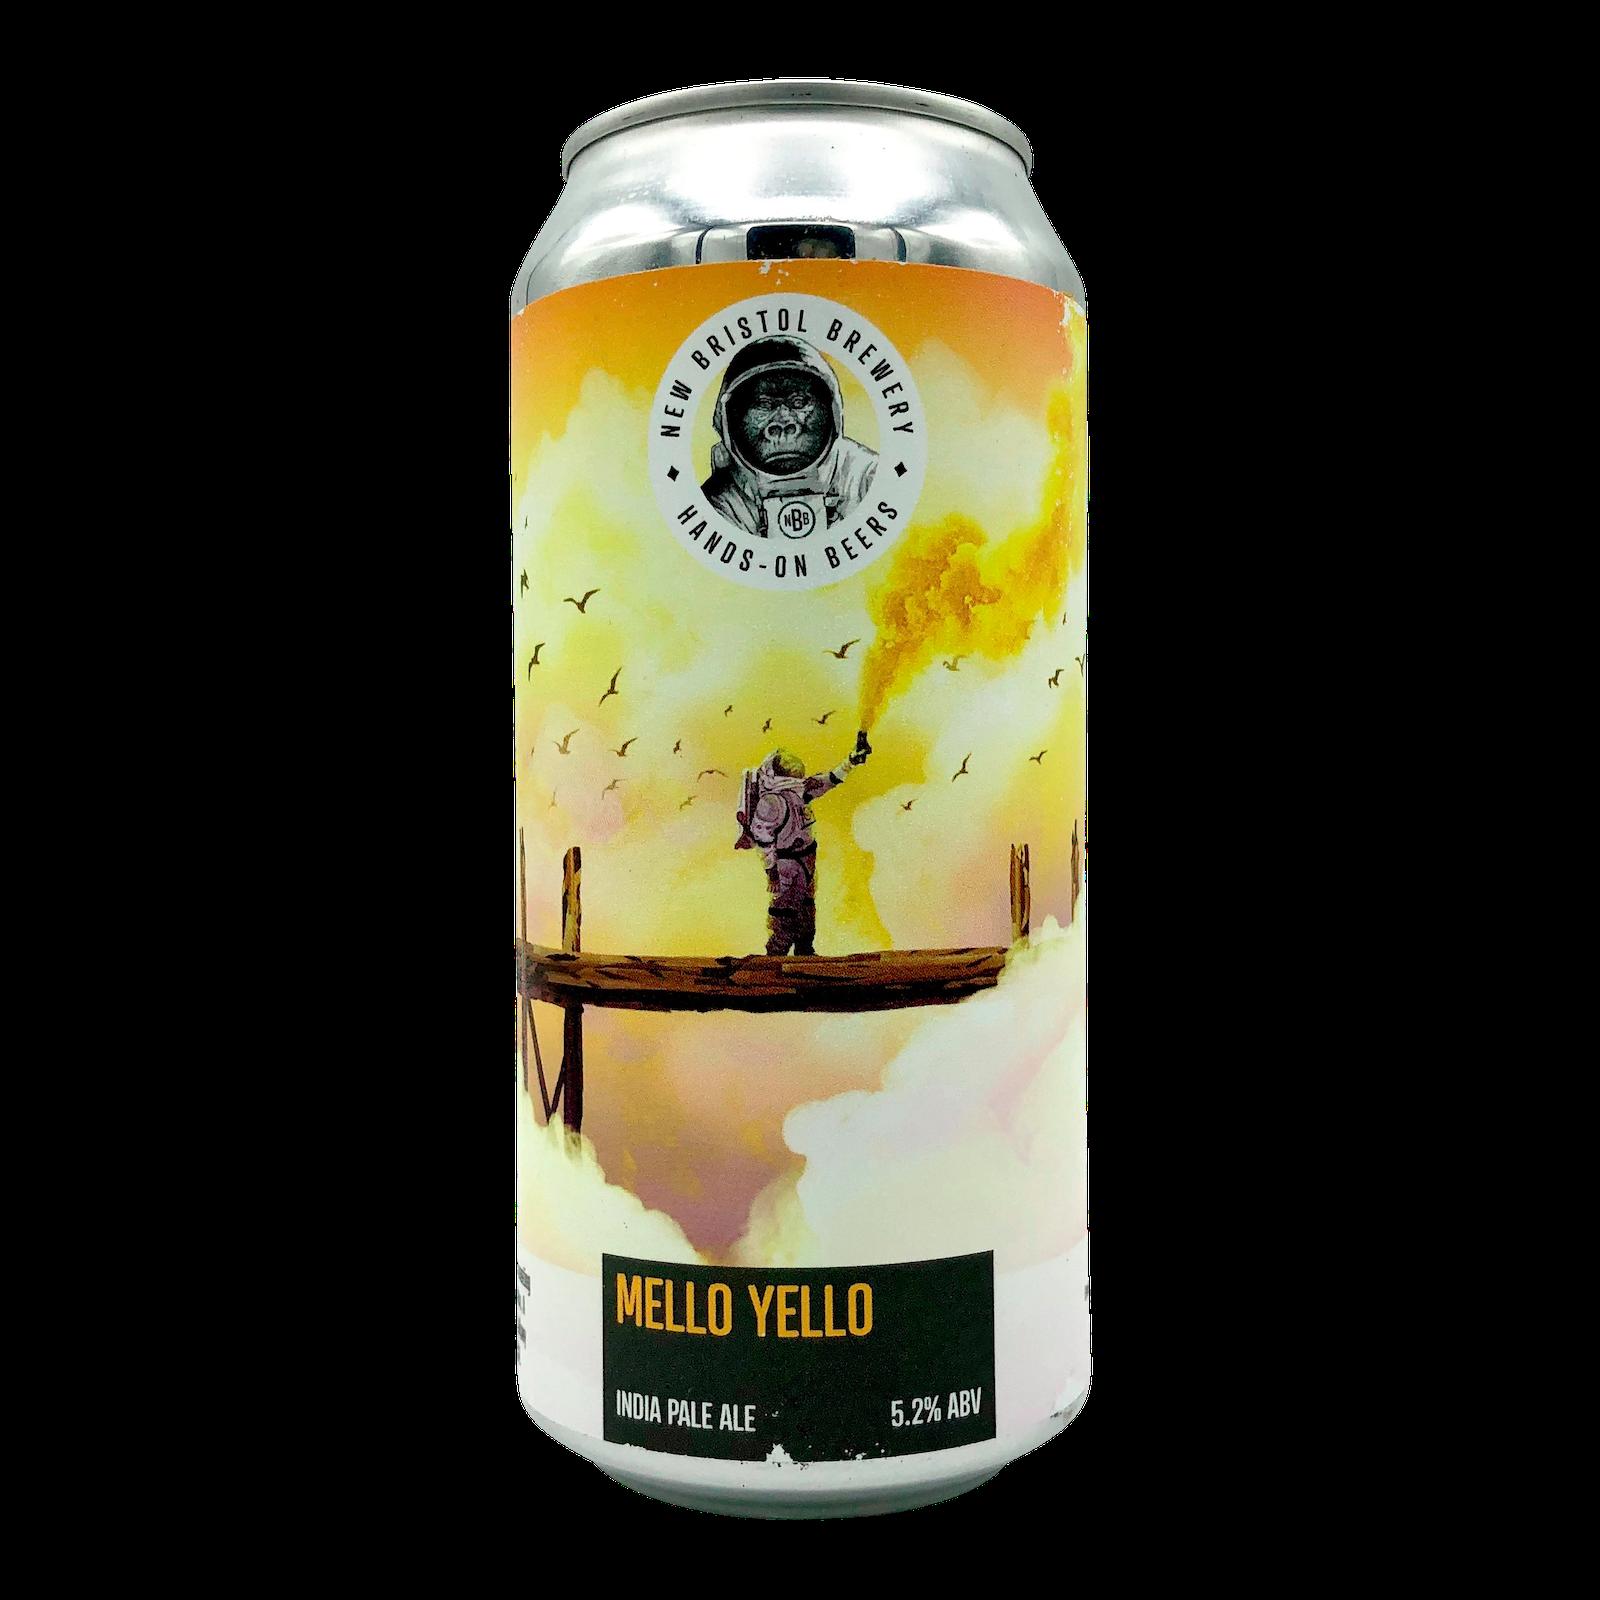 New Bristol Mello Yello